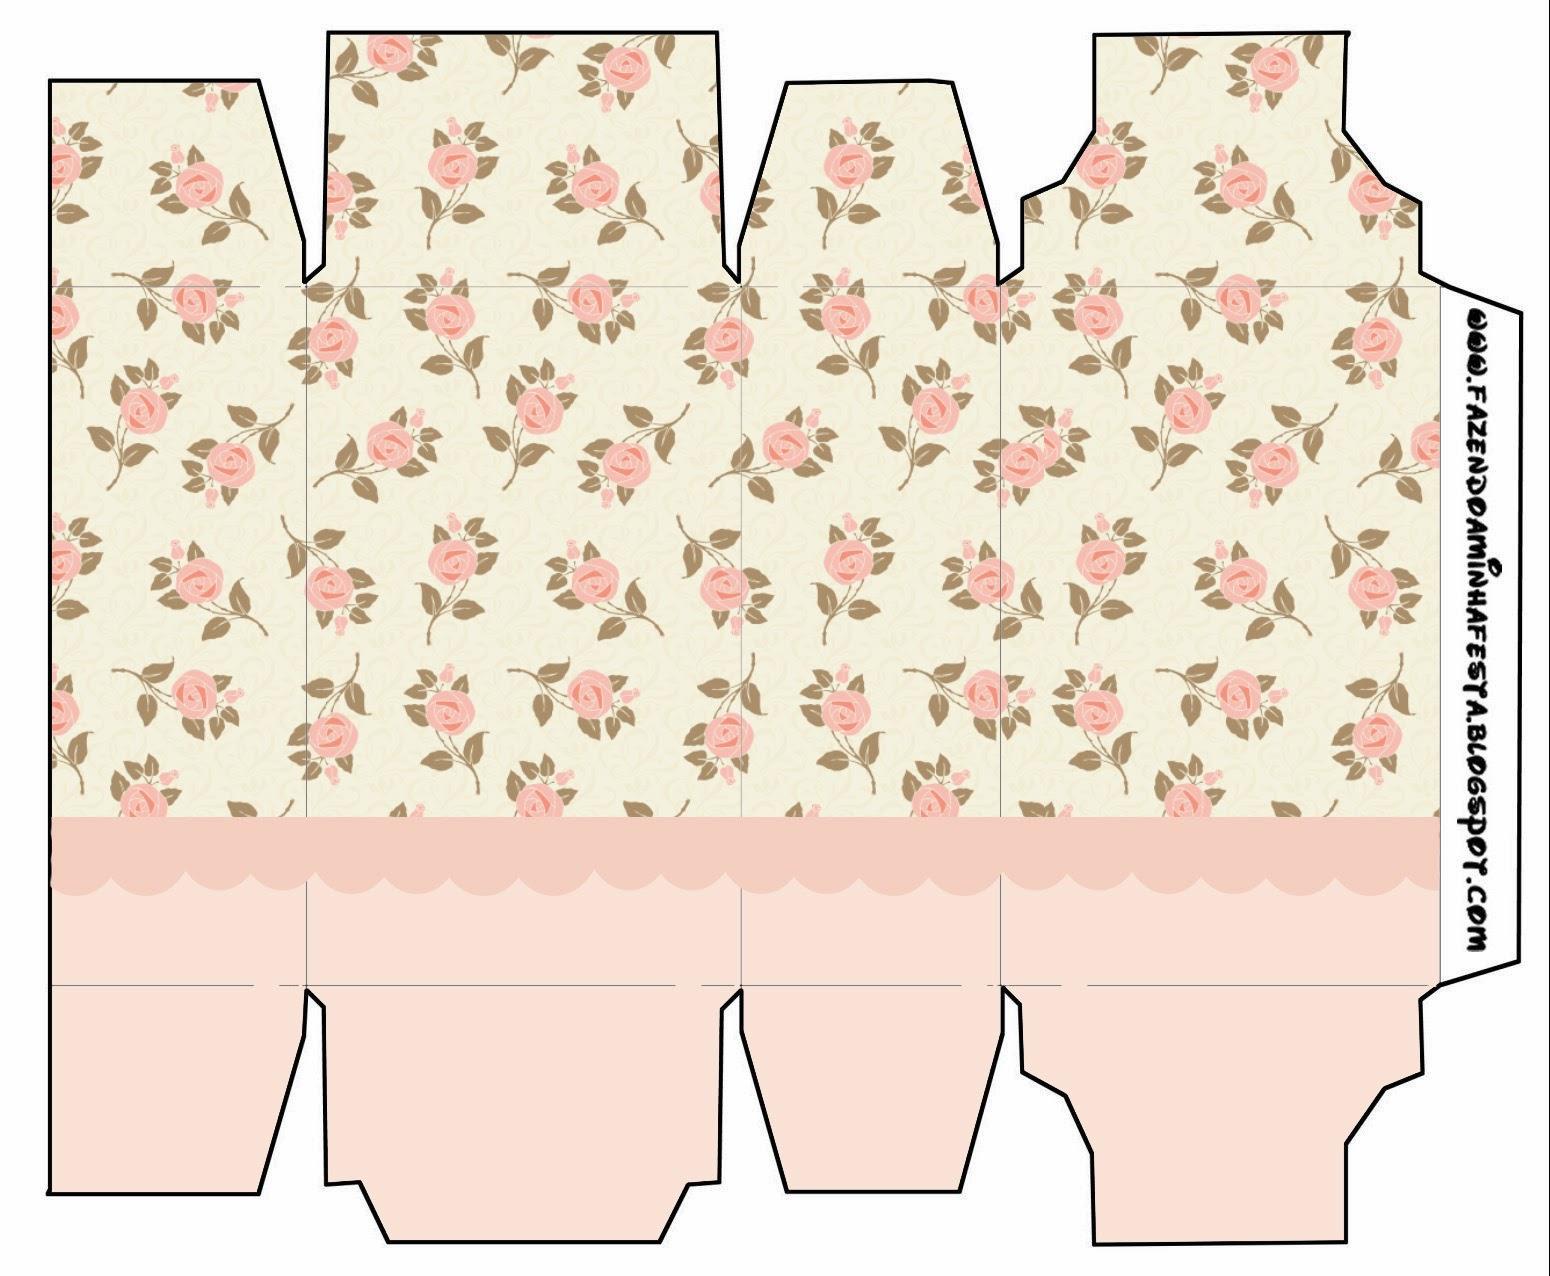 Delicadas rosas cajas para imprimir gratis ideas y - Regalos de muebles gratis ...